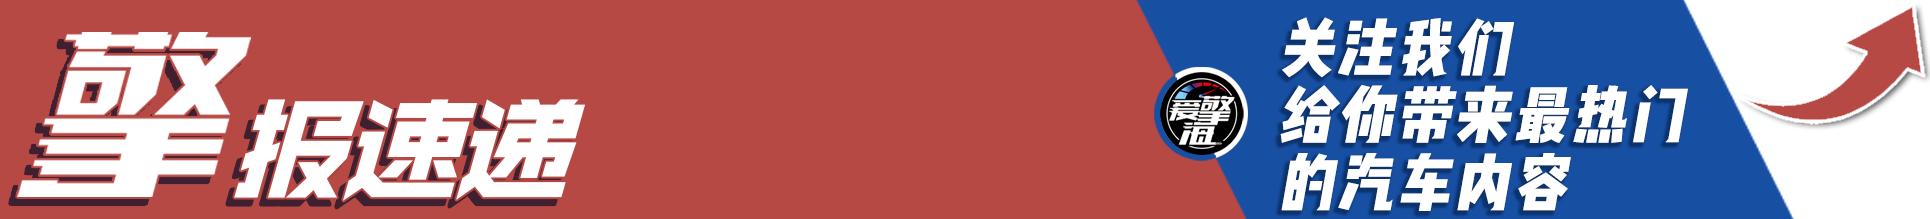 1959年雪佛兰科尔维特 拍卖价格82.5万美元